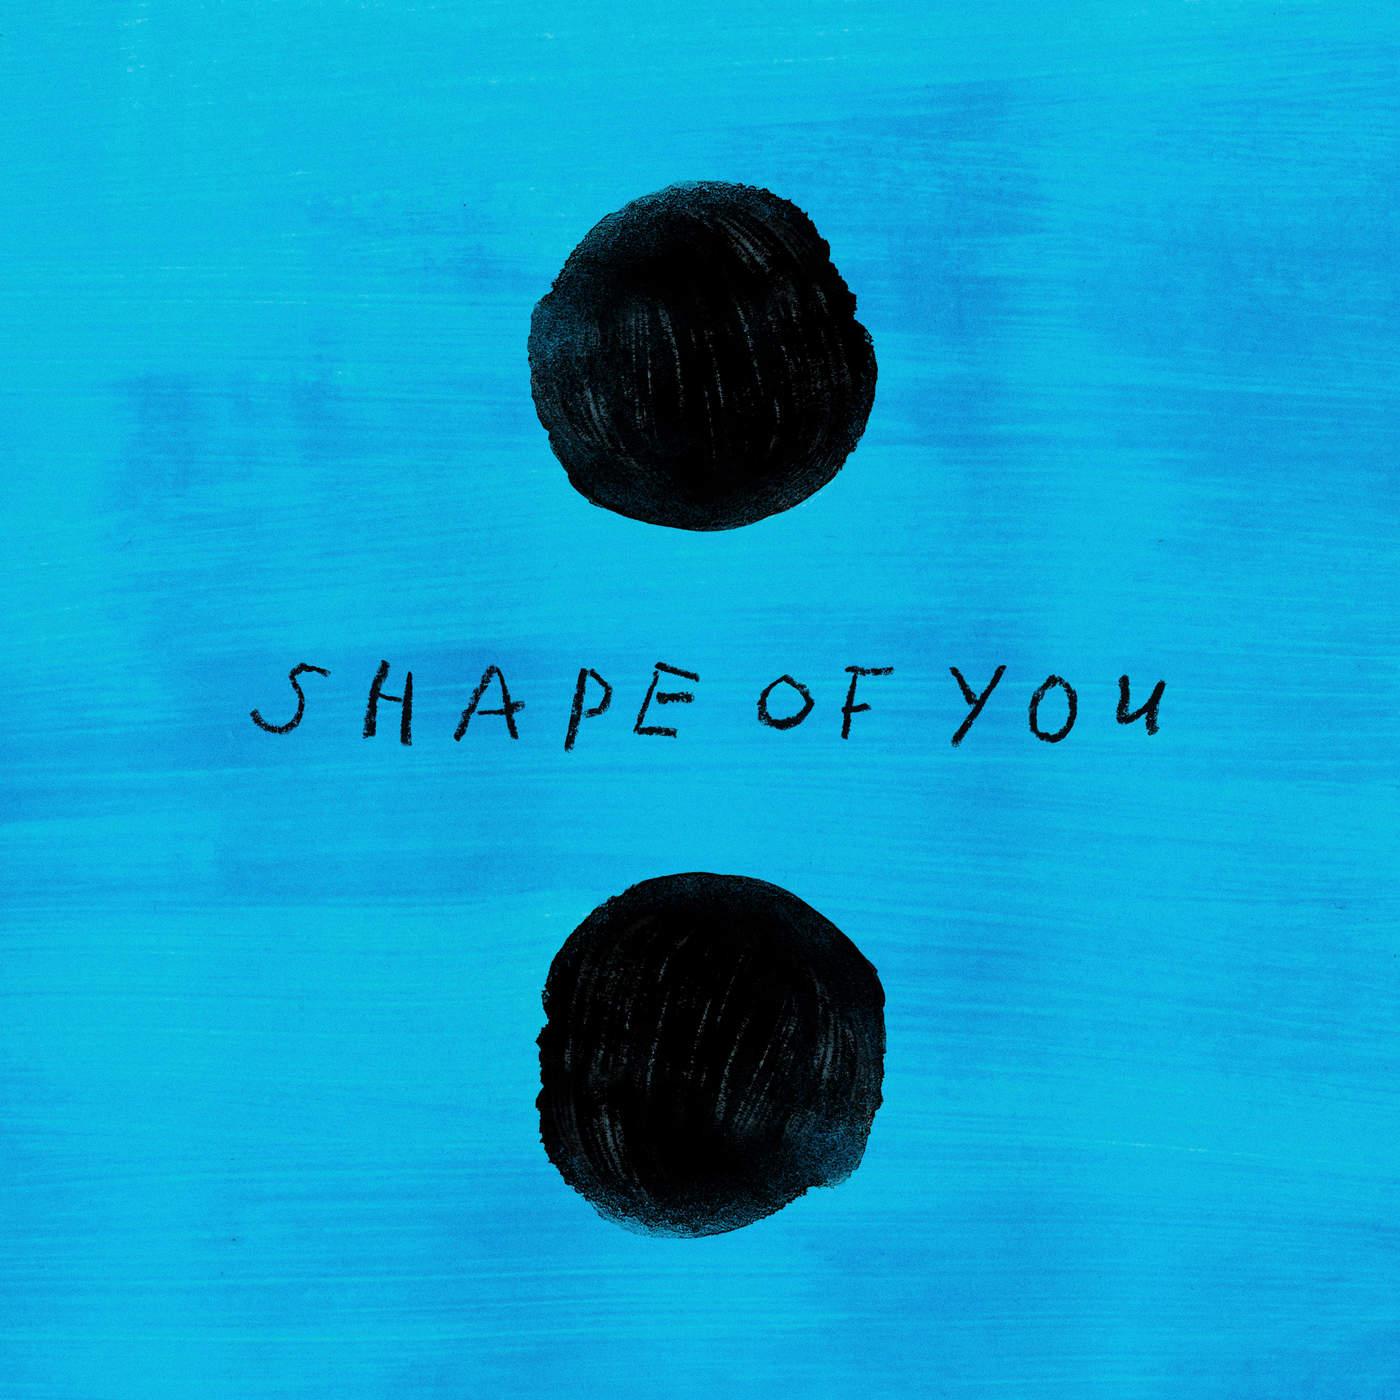 Mp3 Ed Sheeran - Shape of You